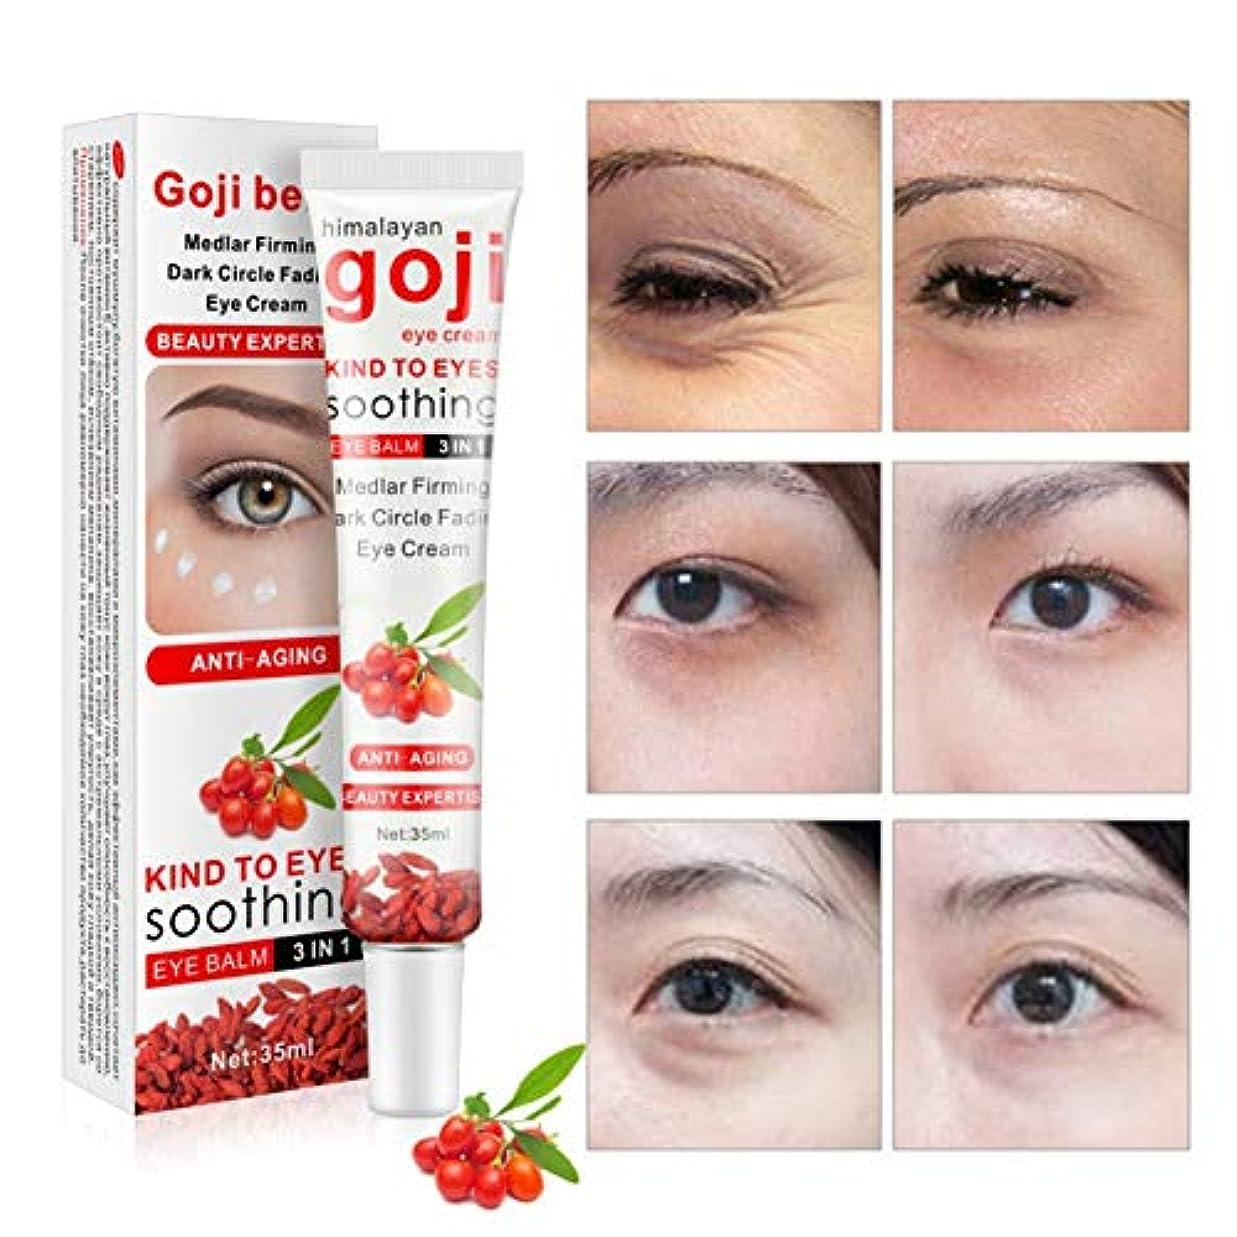 シニスレンチシャーしわ防止アイクリーム、中国のクコの目の皮の更新のクリームの保湿の引き締めの希薄ダークサークルの目袋の希釈クリーム